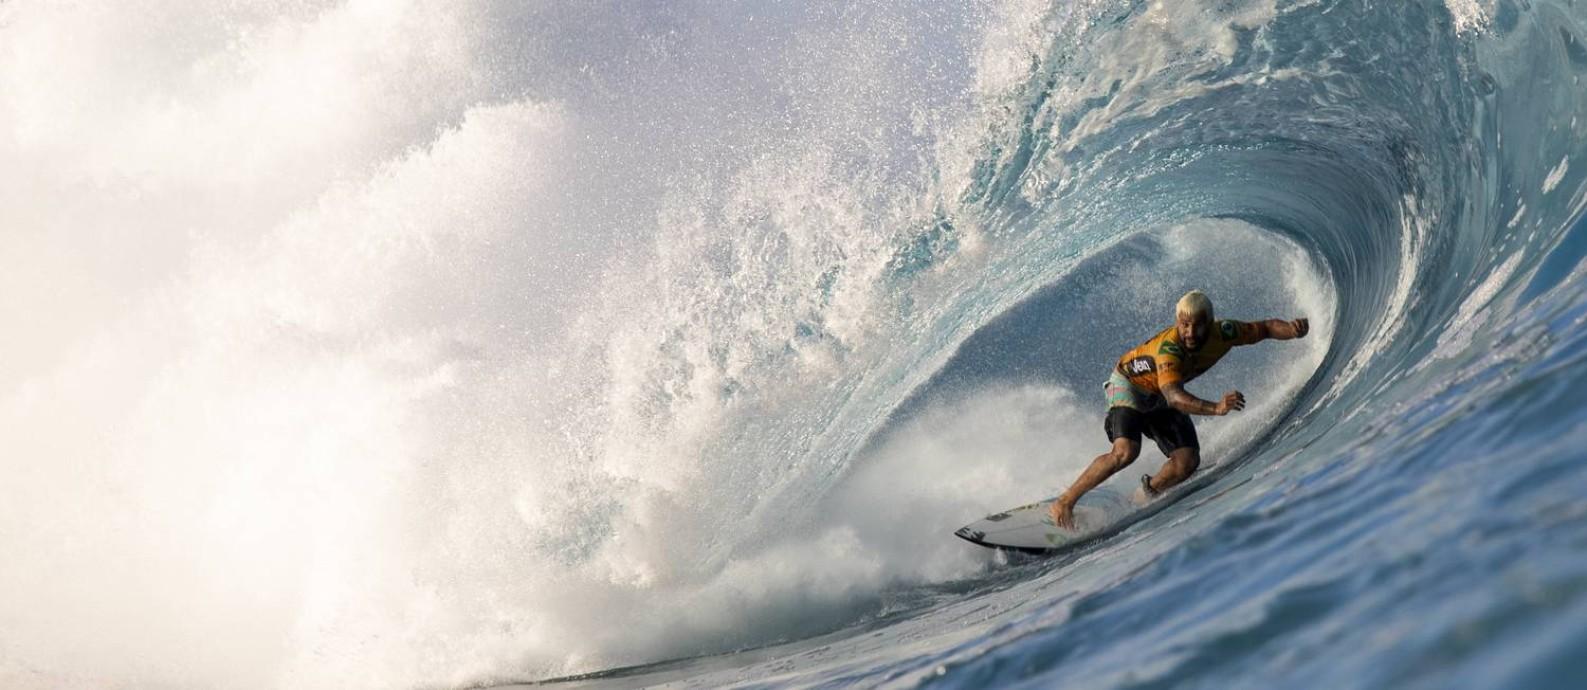 Italo Ferreira entubando em Pipeline Foto: Tony Heff / WSL via Getty Images